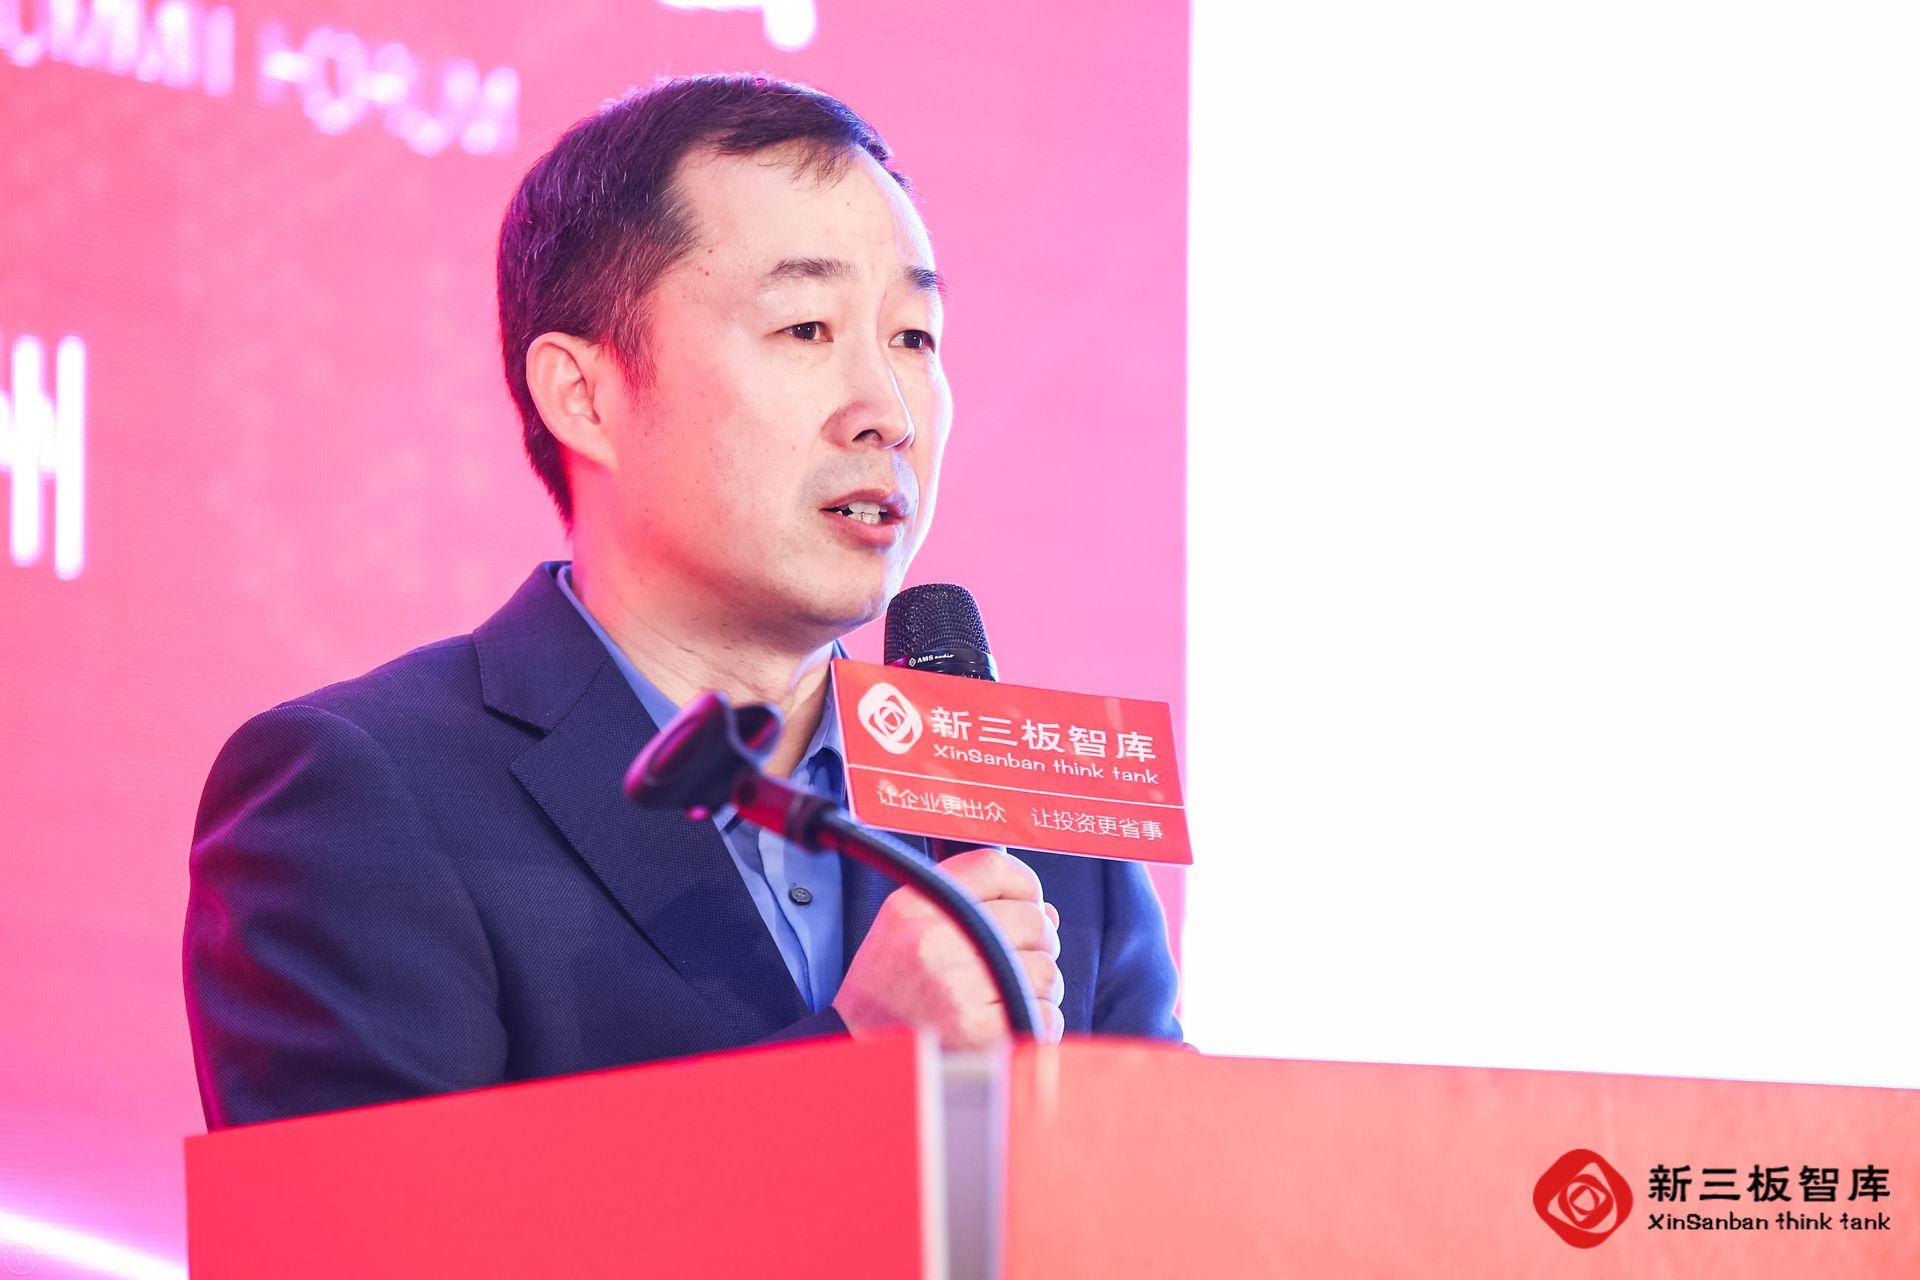 杭州市人民政府金融工作办公室副主任 王建祥先生